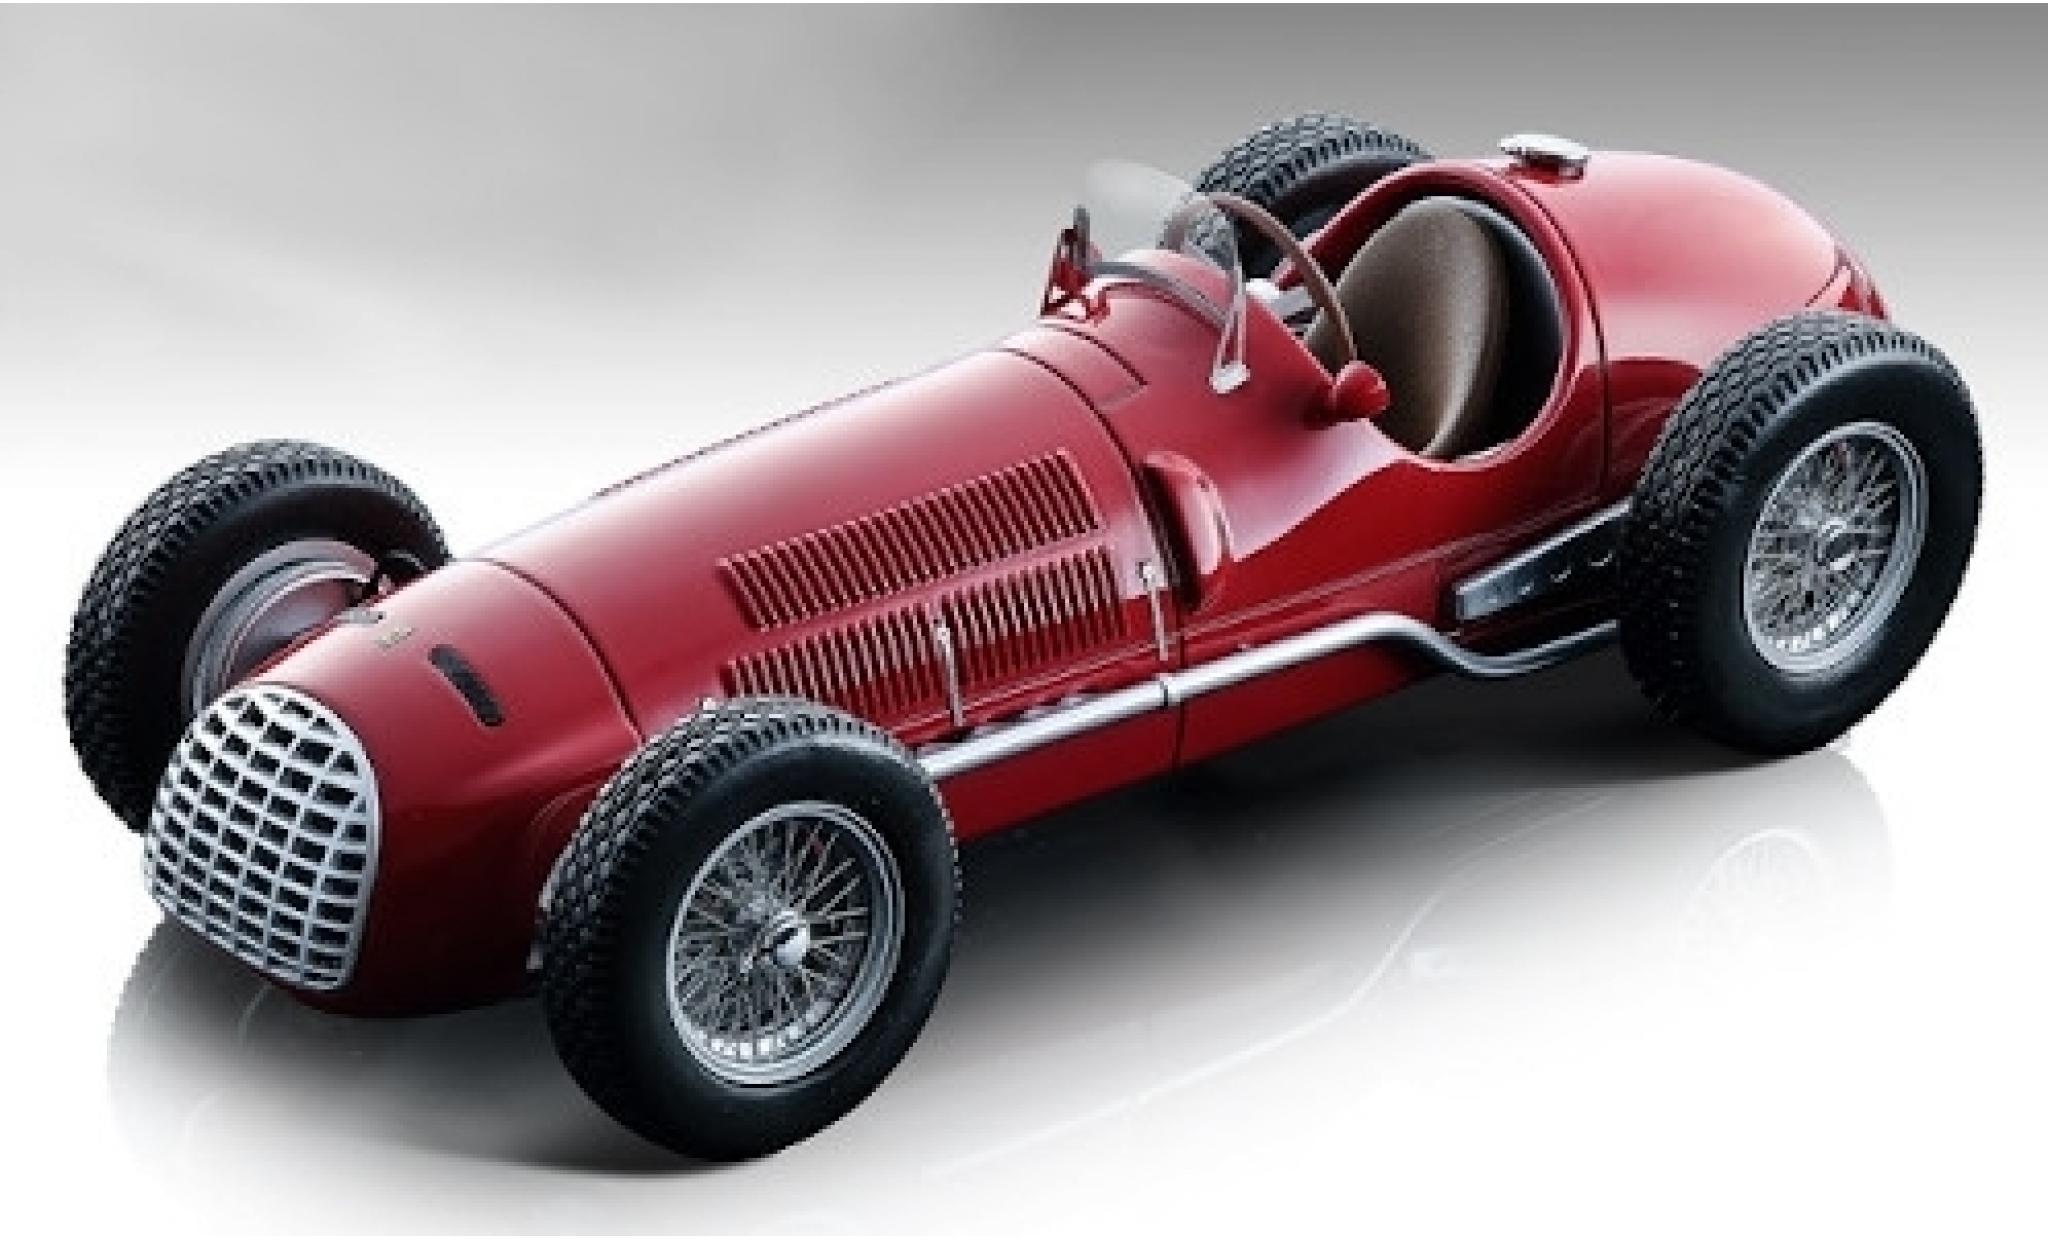 Ferrari 125 1/18 Tecnomodel F1 rouge Scuderia Formel 1 1950 Pressefahrzeug